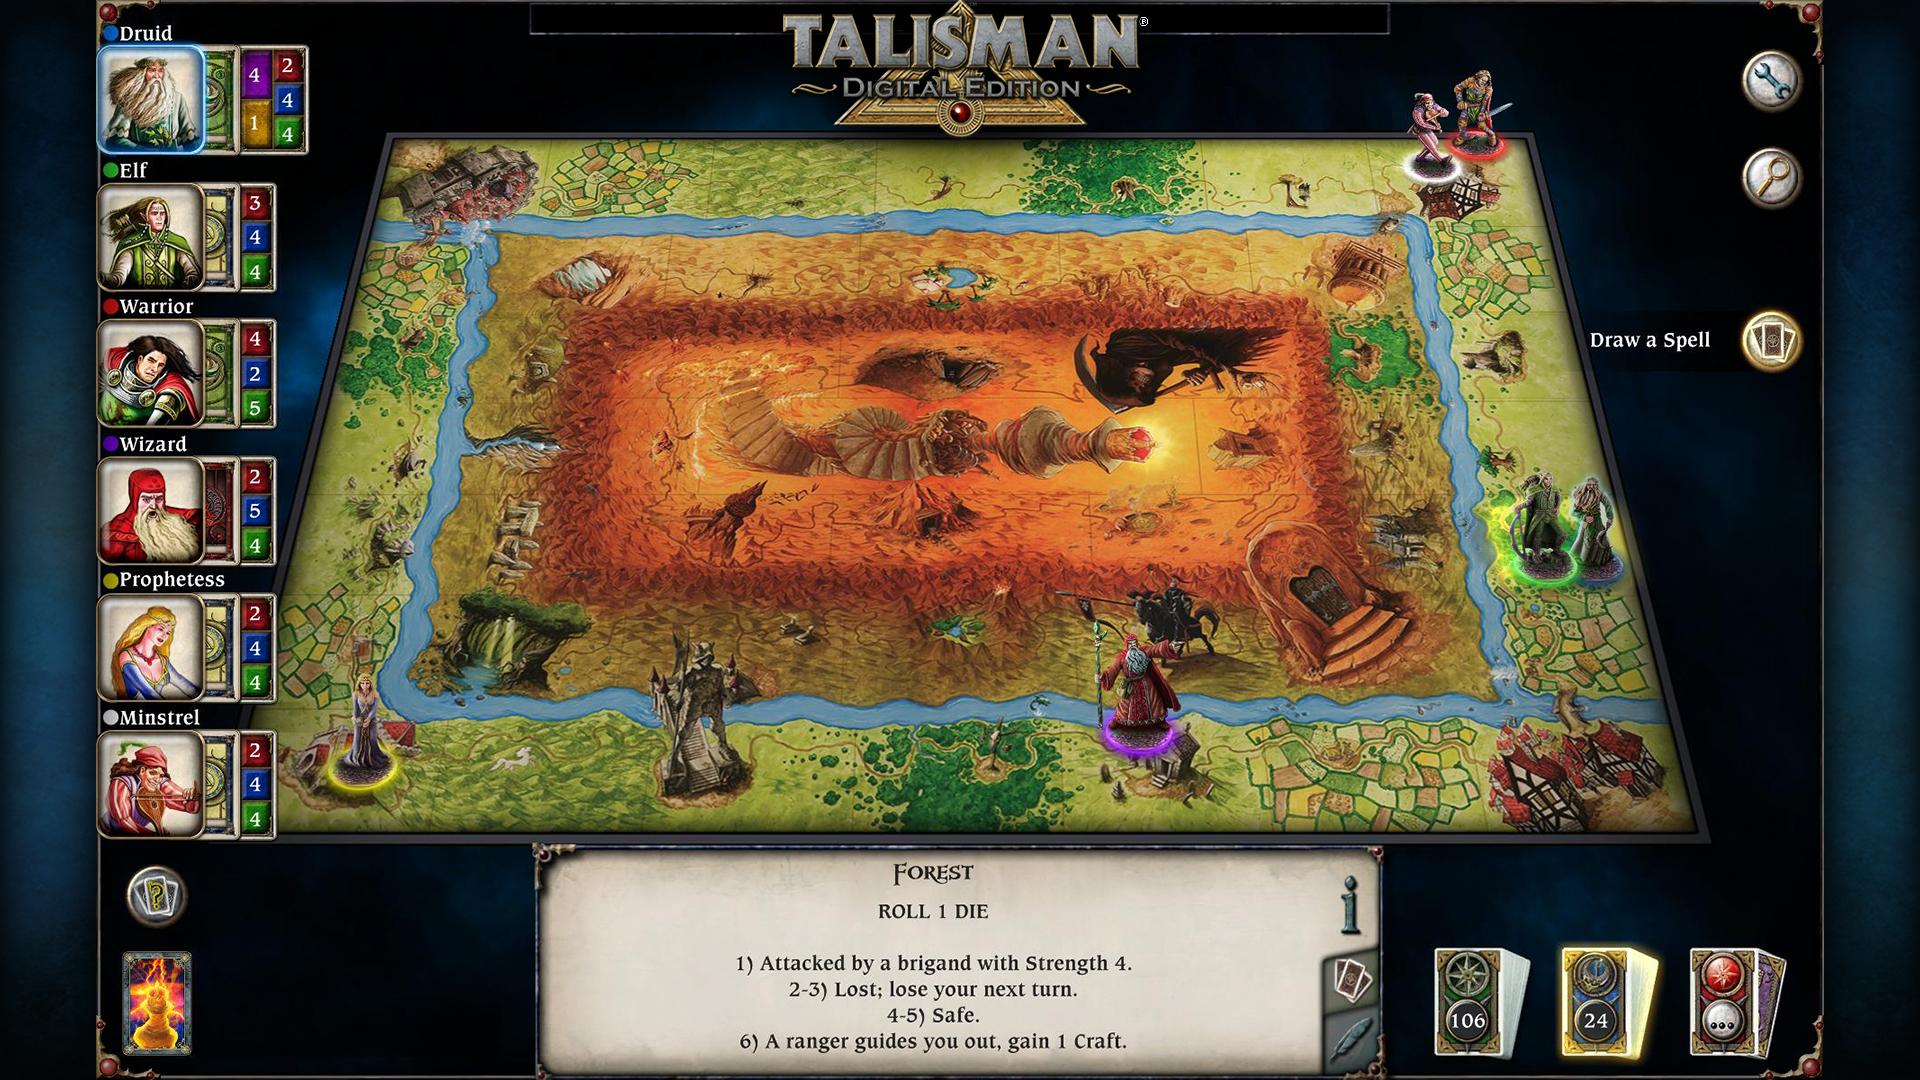 talisman-digital-edition-pc-screenshot-1